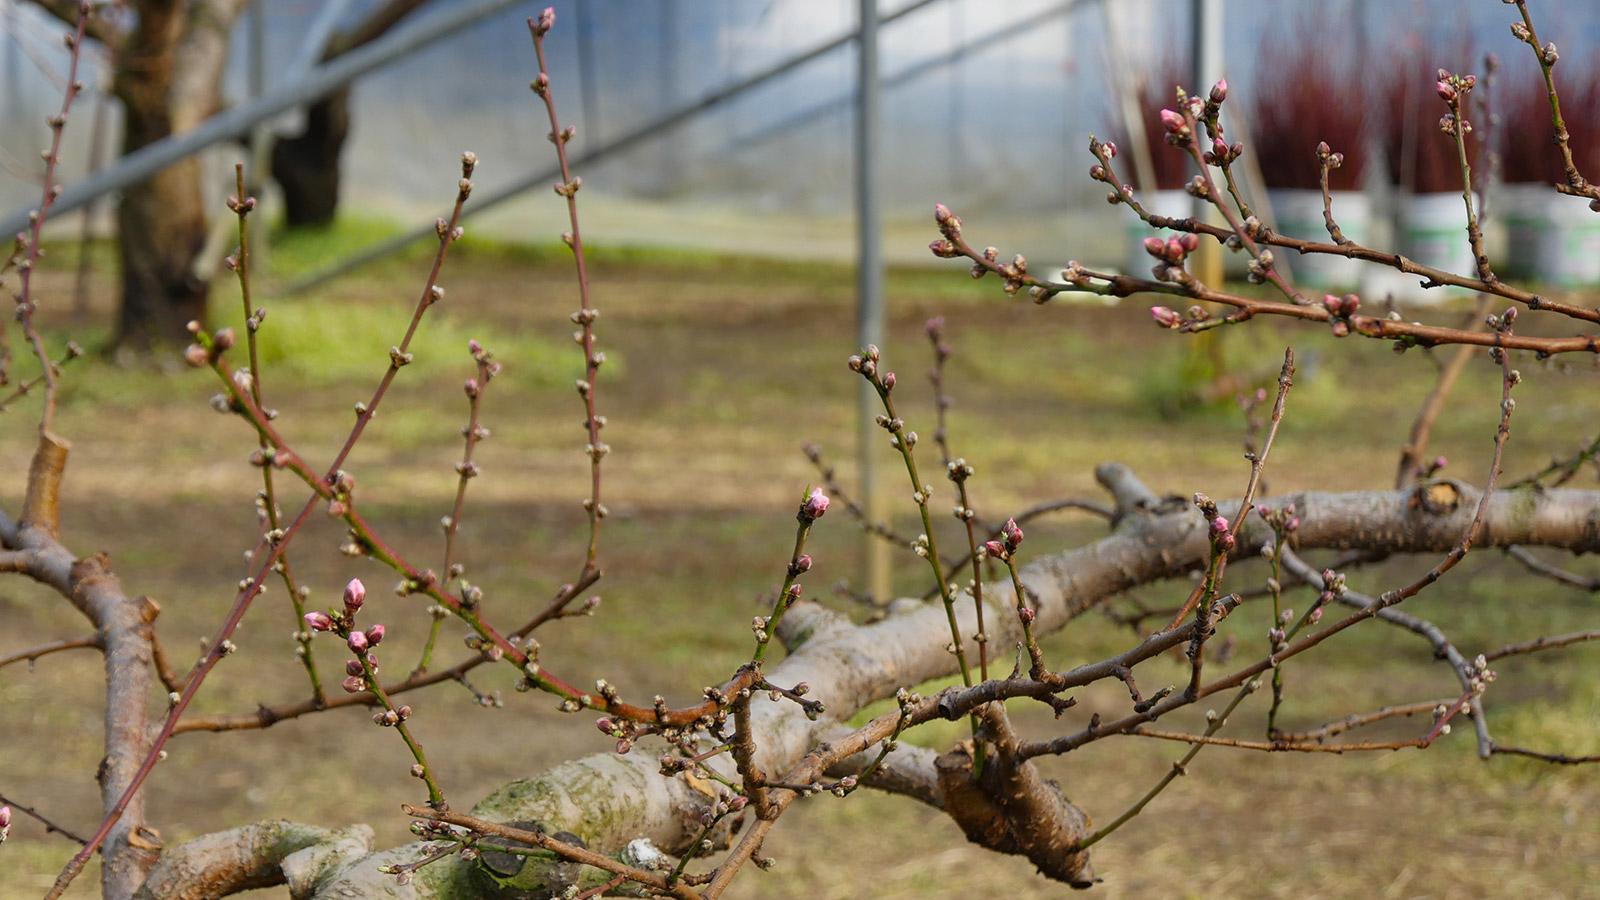 ここは咲いてはいませんが、蕾もだいぶ膨らんでいます。